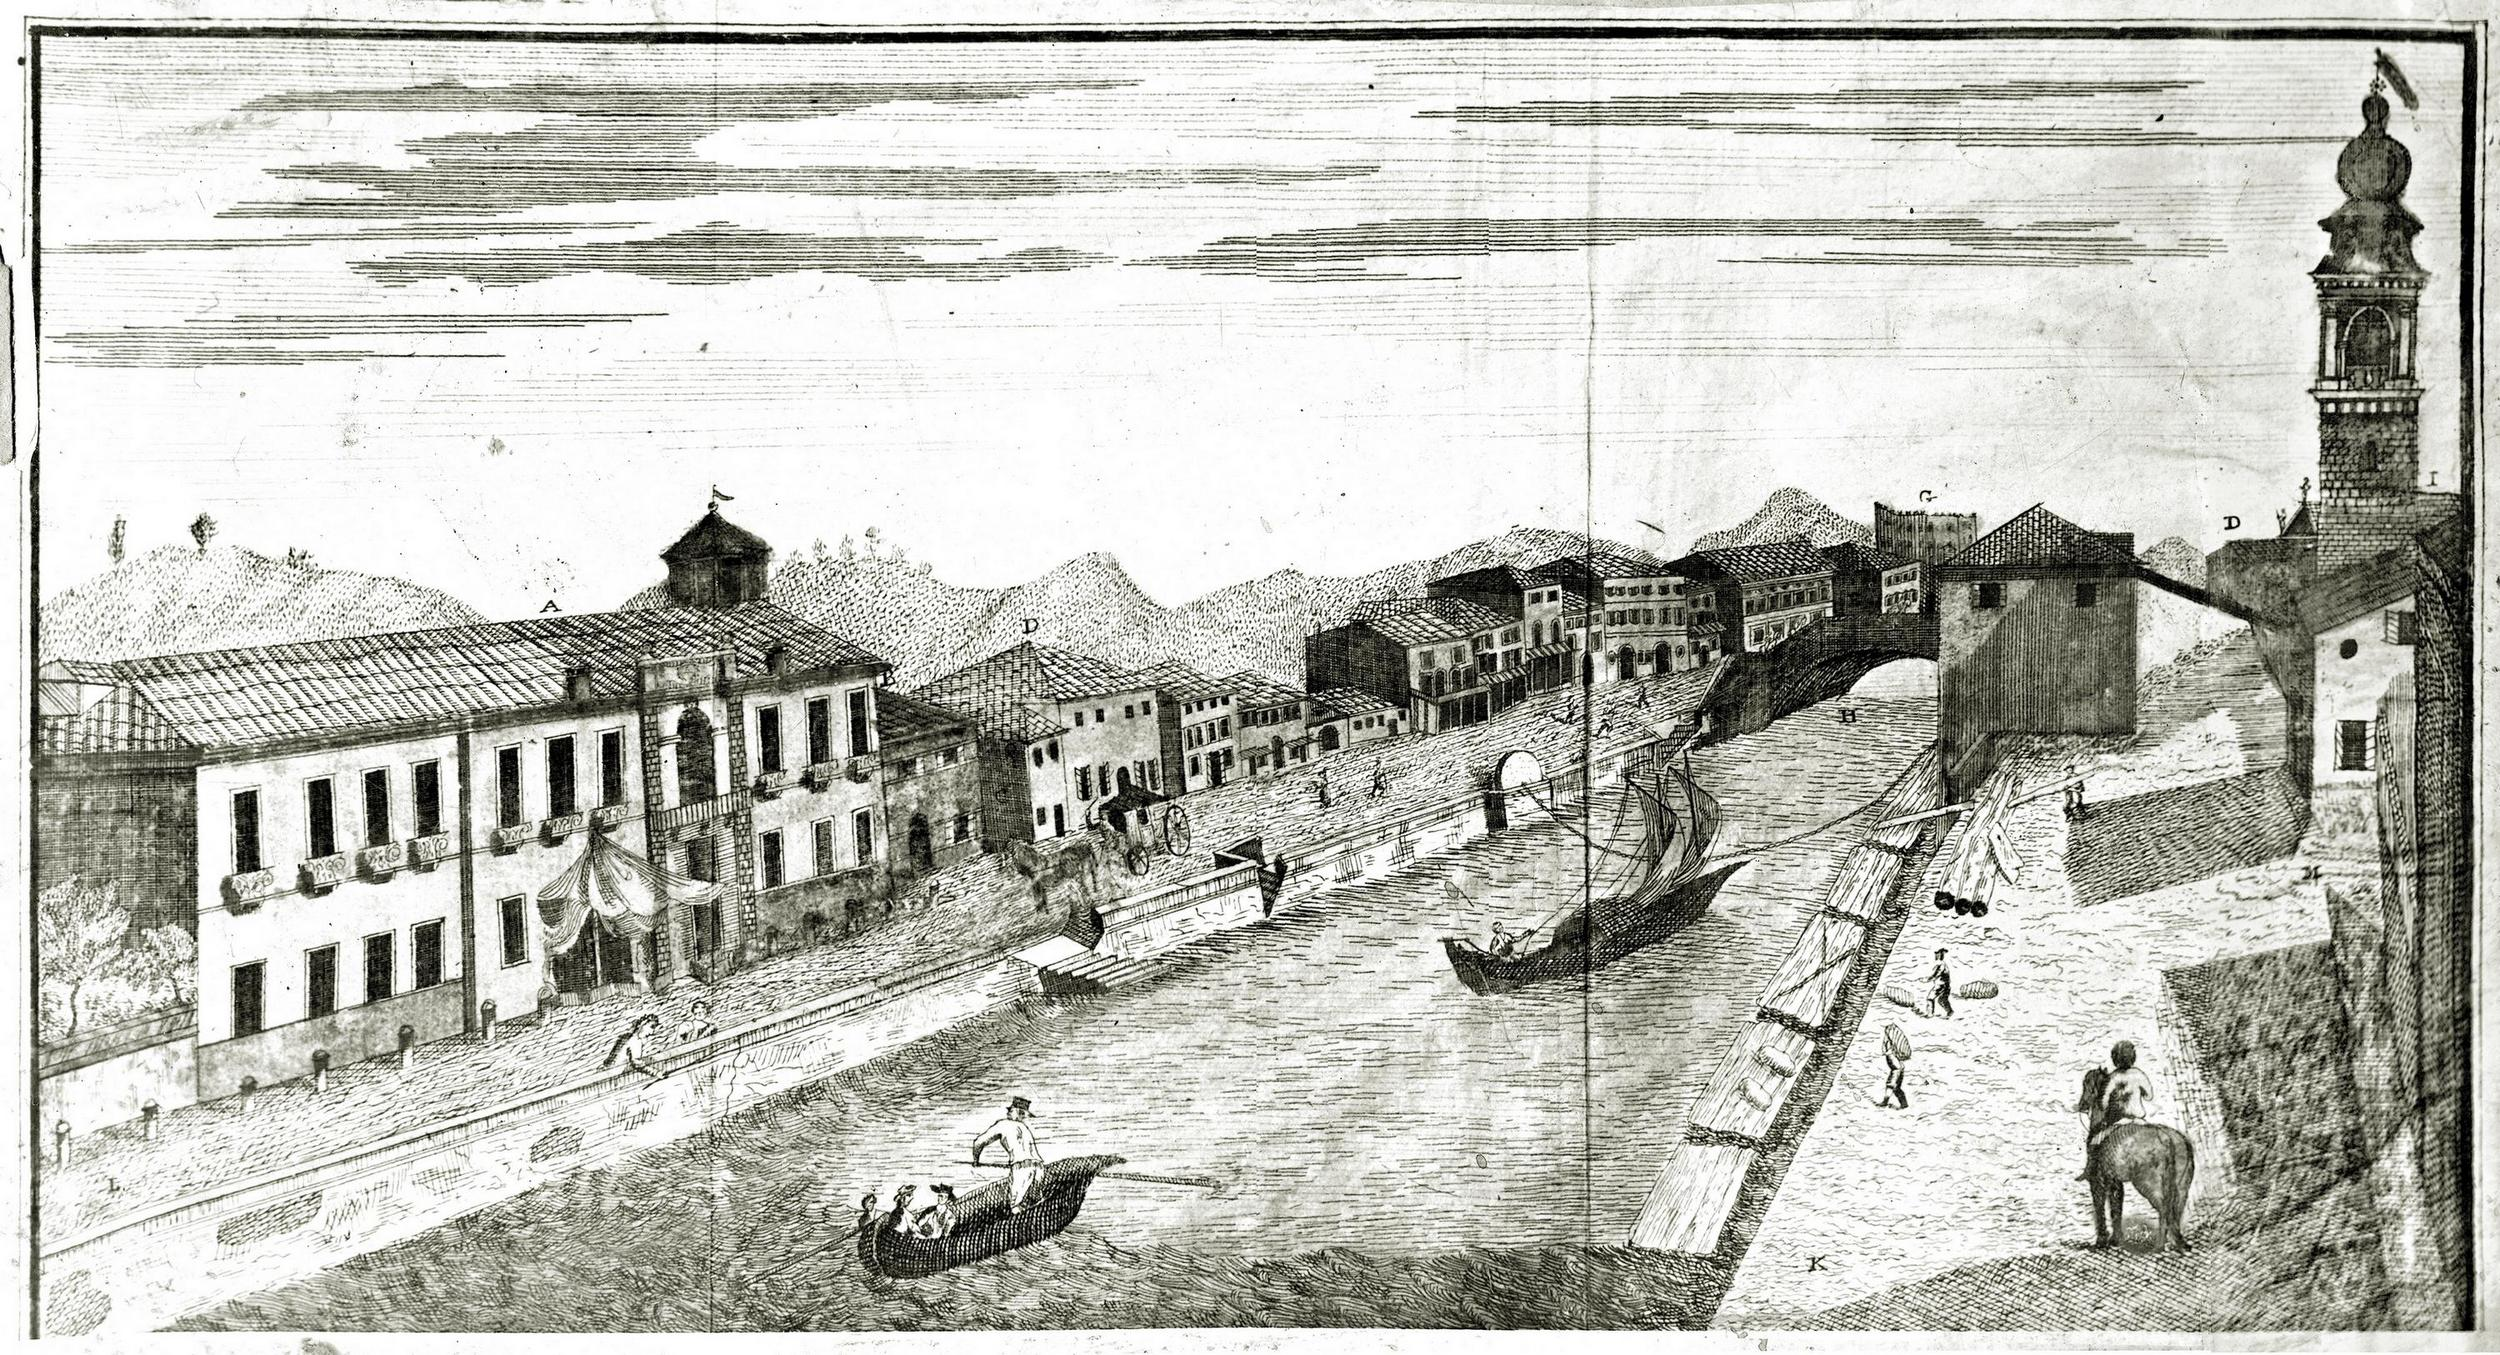 Battaglia in una incisione pubblicata nel 1796.